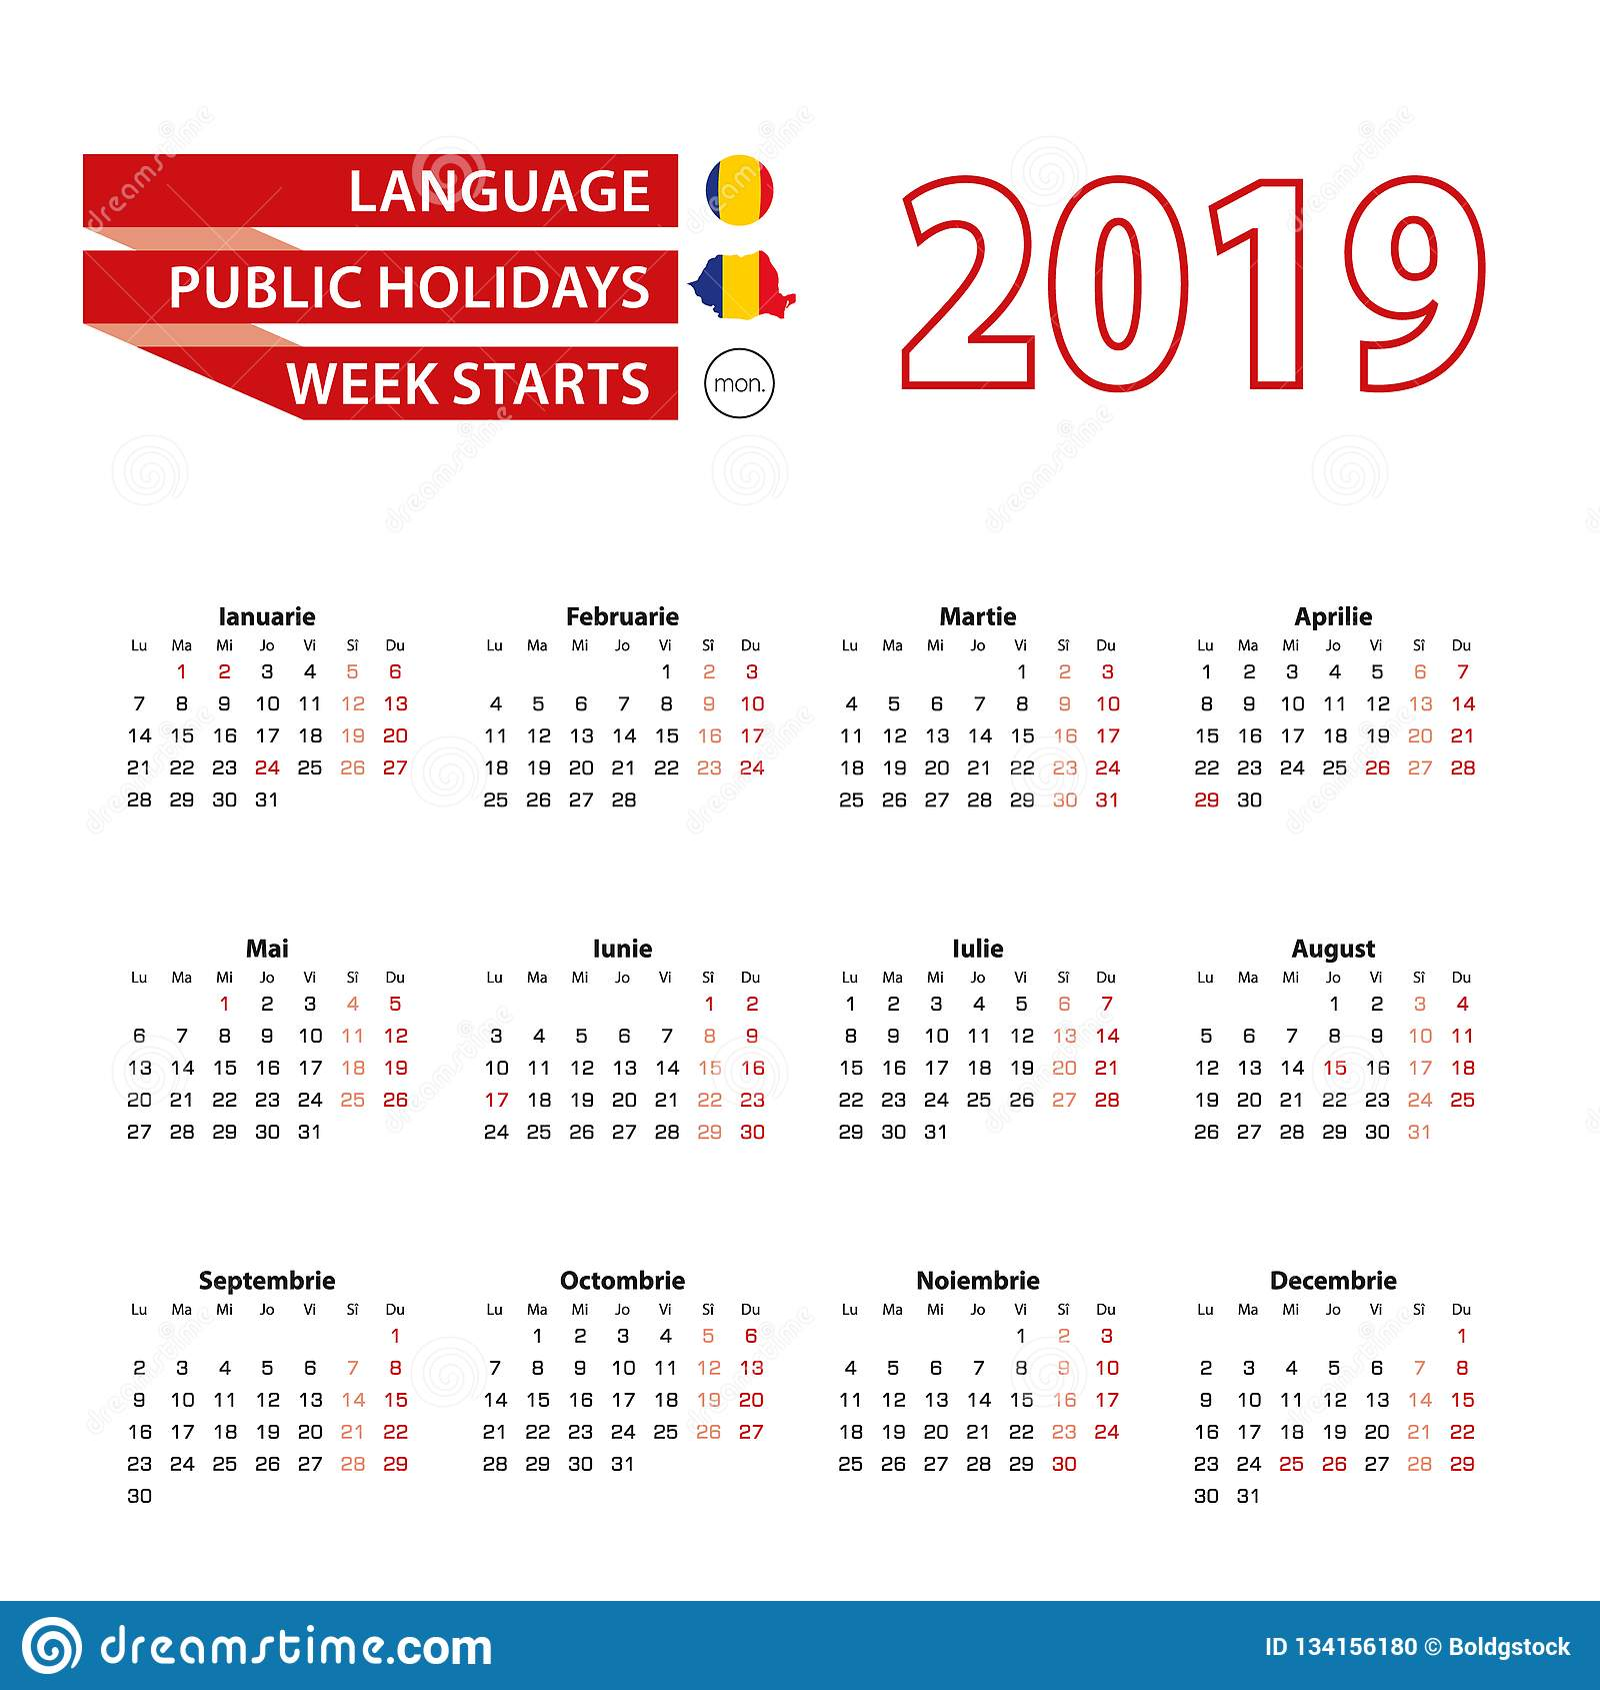 Calendario Nazionali.Calendario 2019 Nella Lingua Rumena Con Le Feste Nazionali